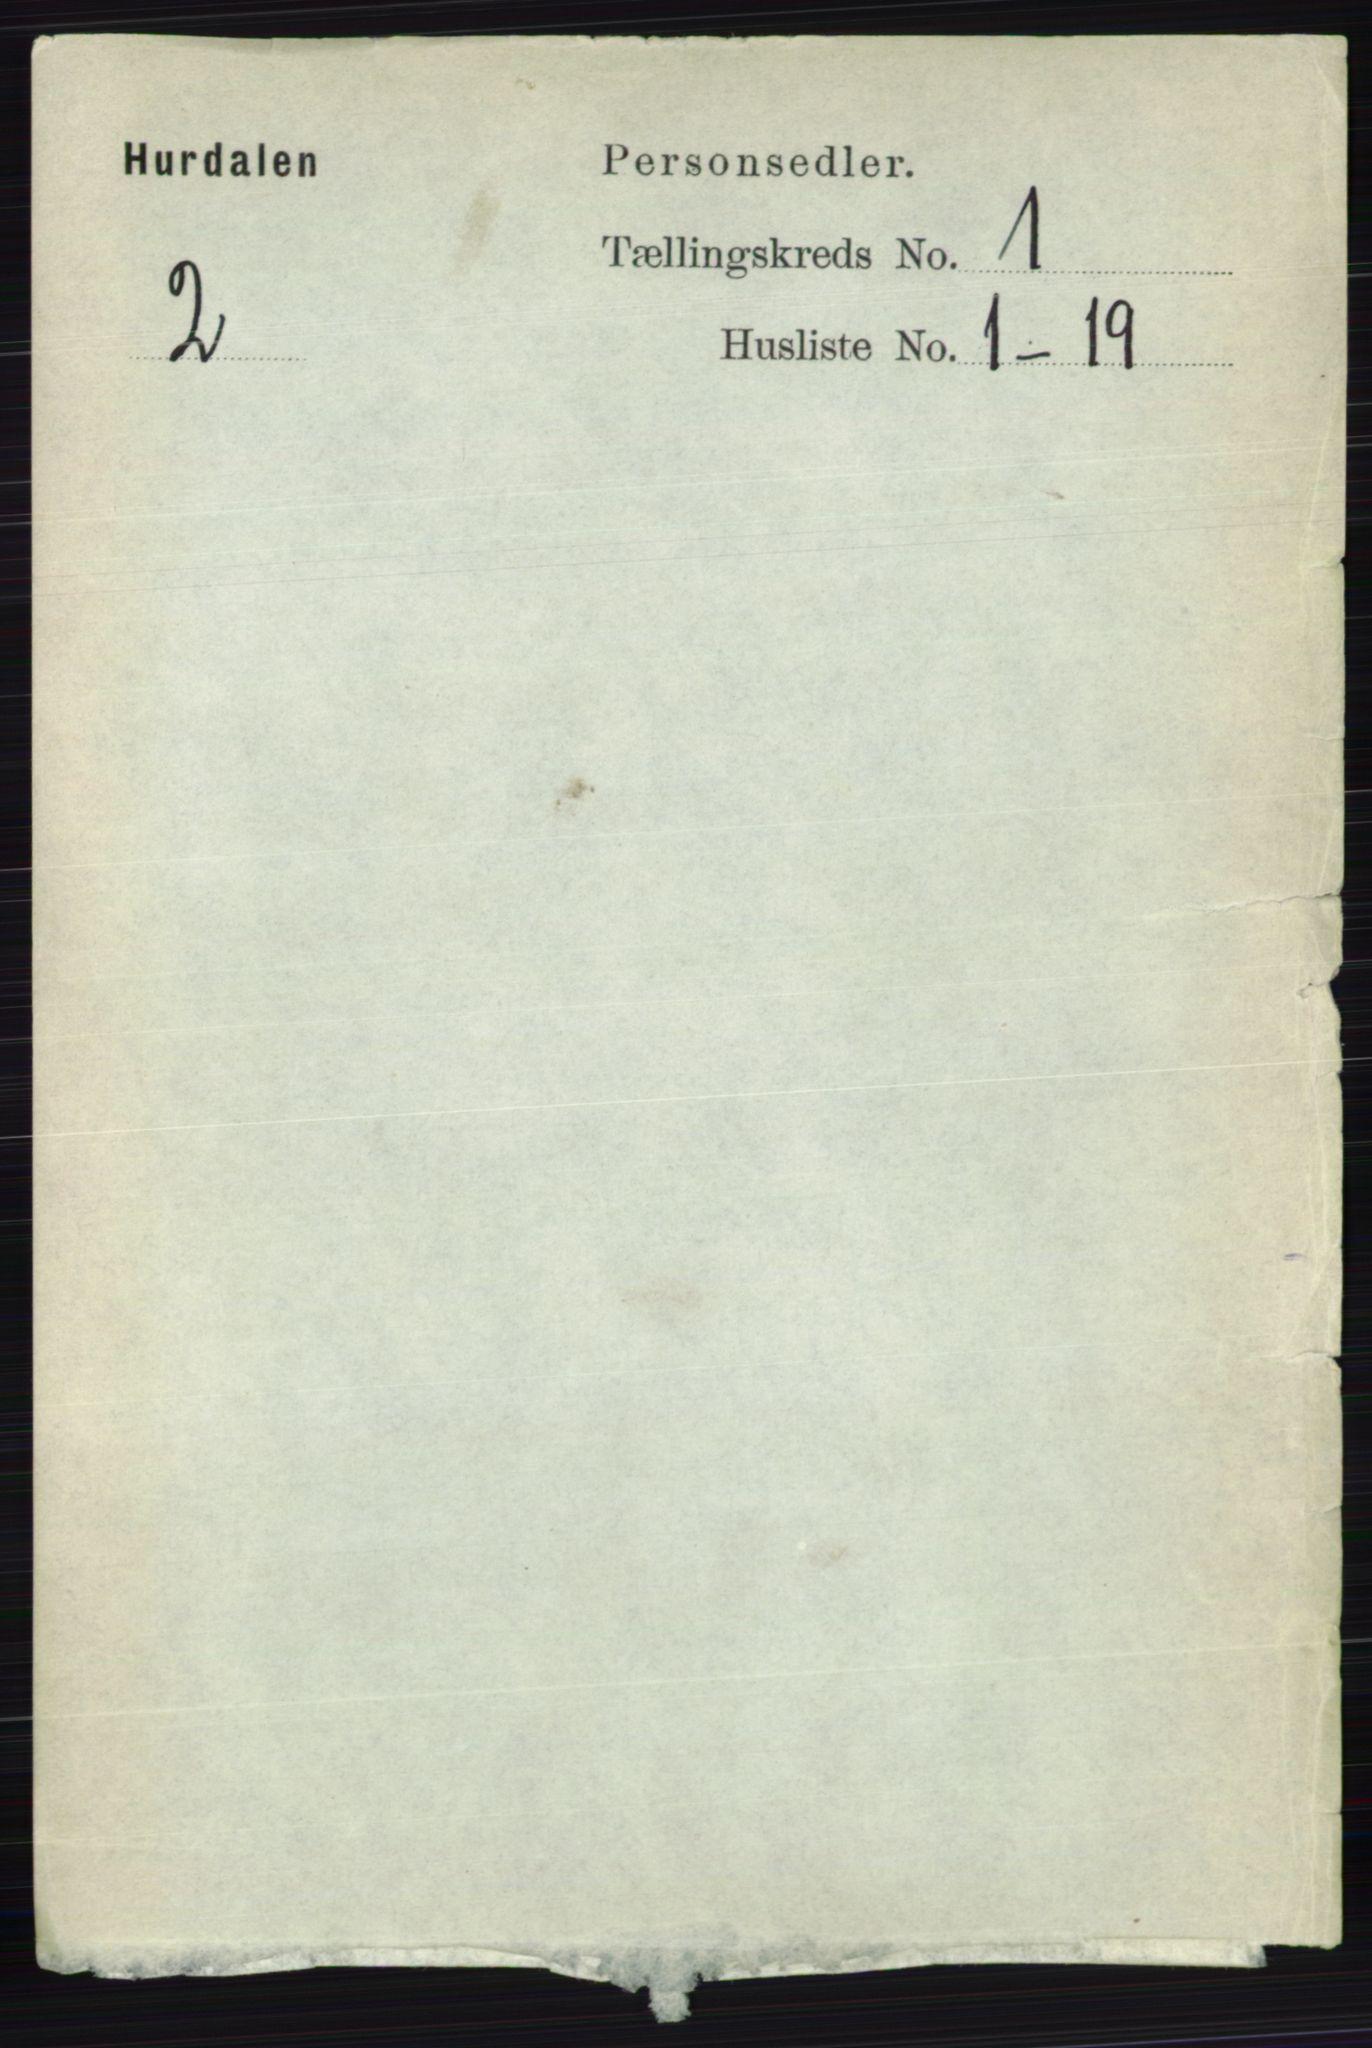 RA, Folketelling 1891 for 0239 Hurdal herred, 1891, s. 77